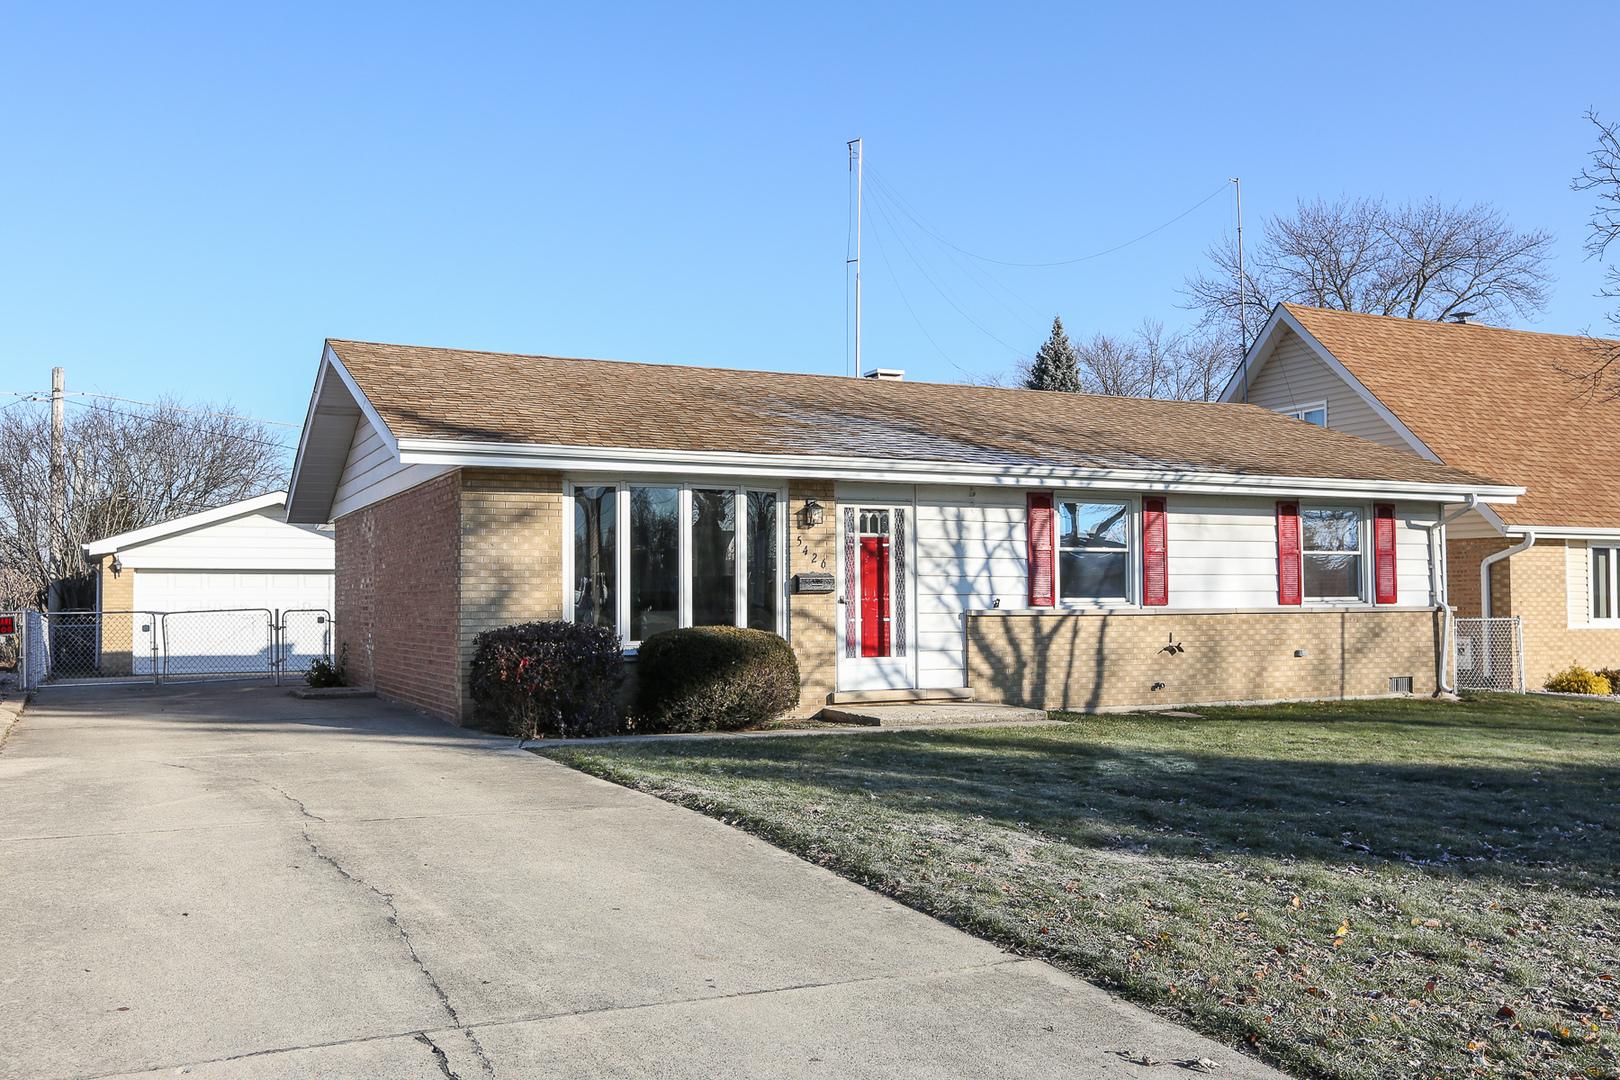 5426 Fairway ,Crestwood, Illinois 60418